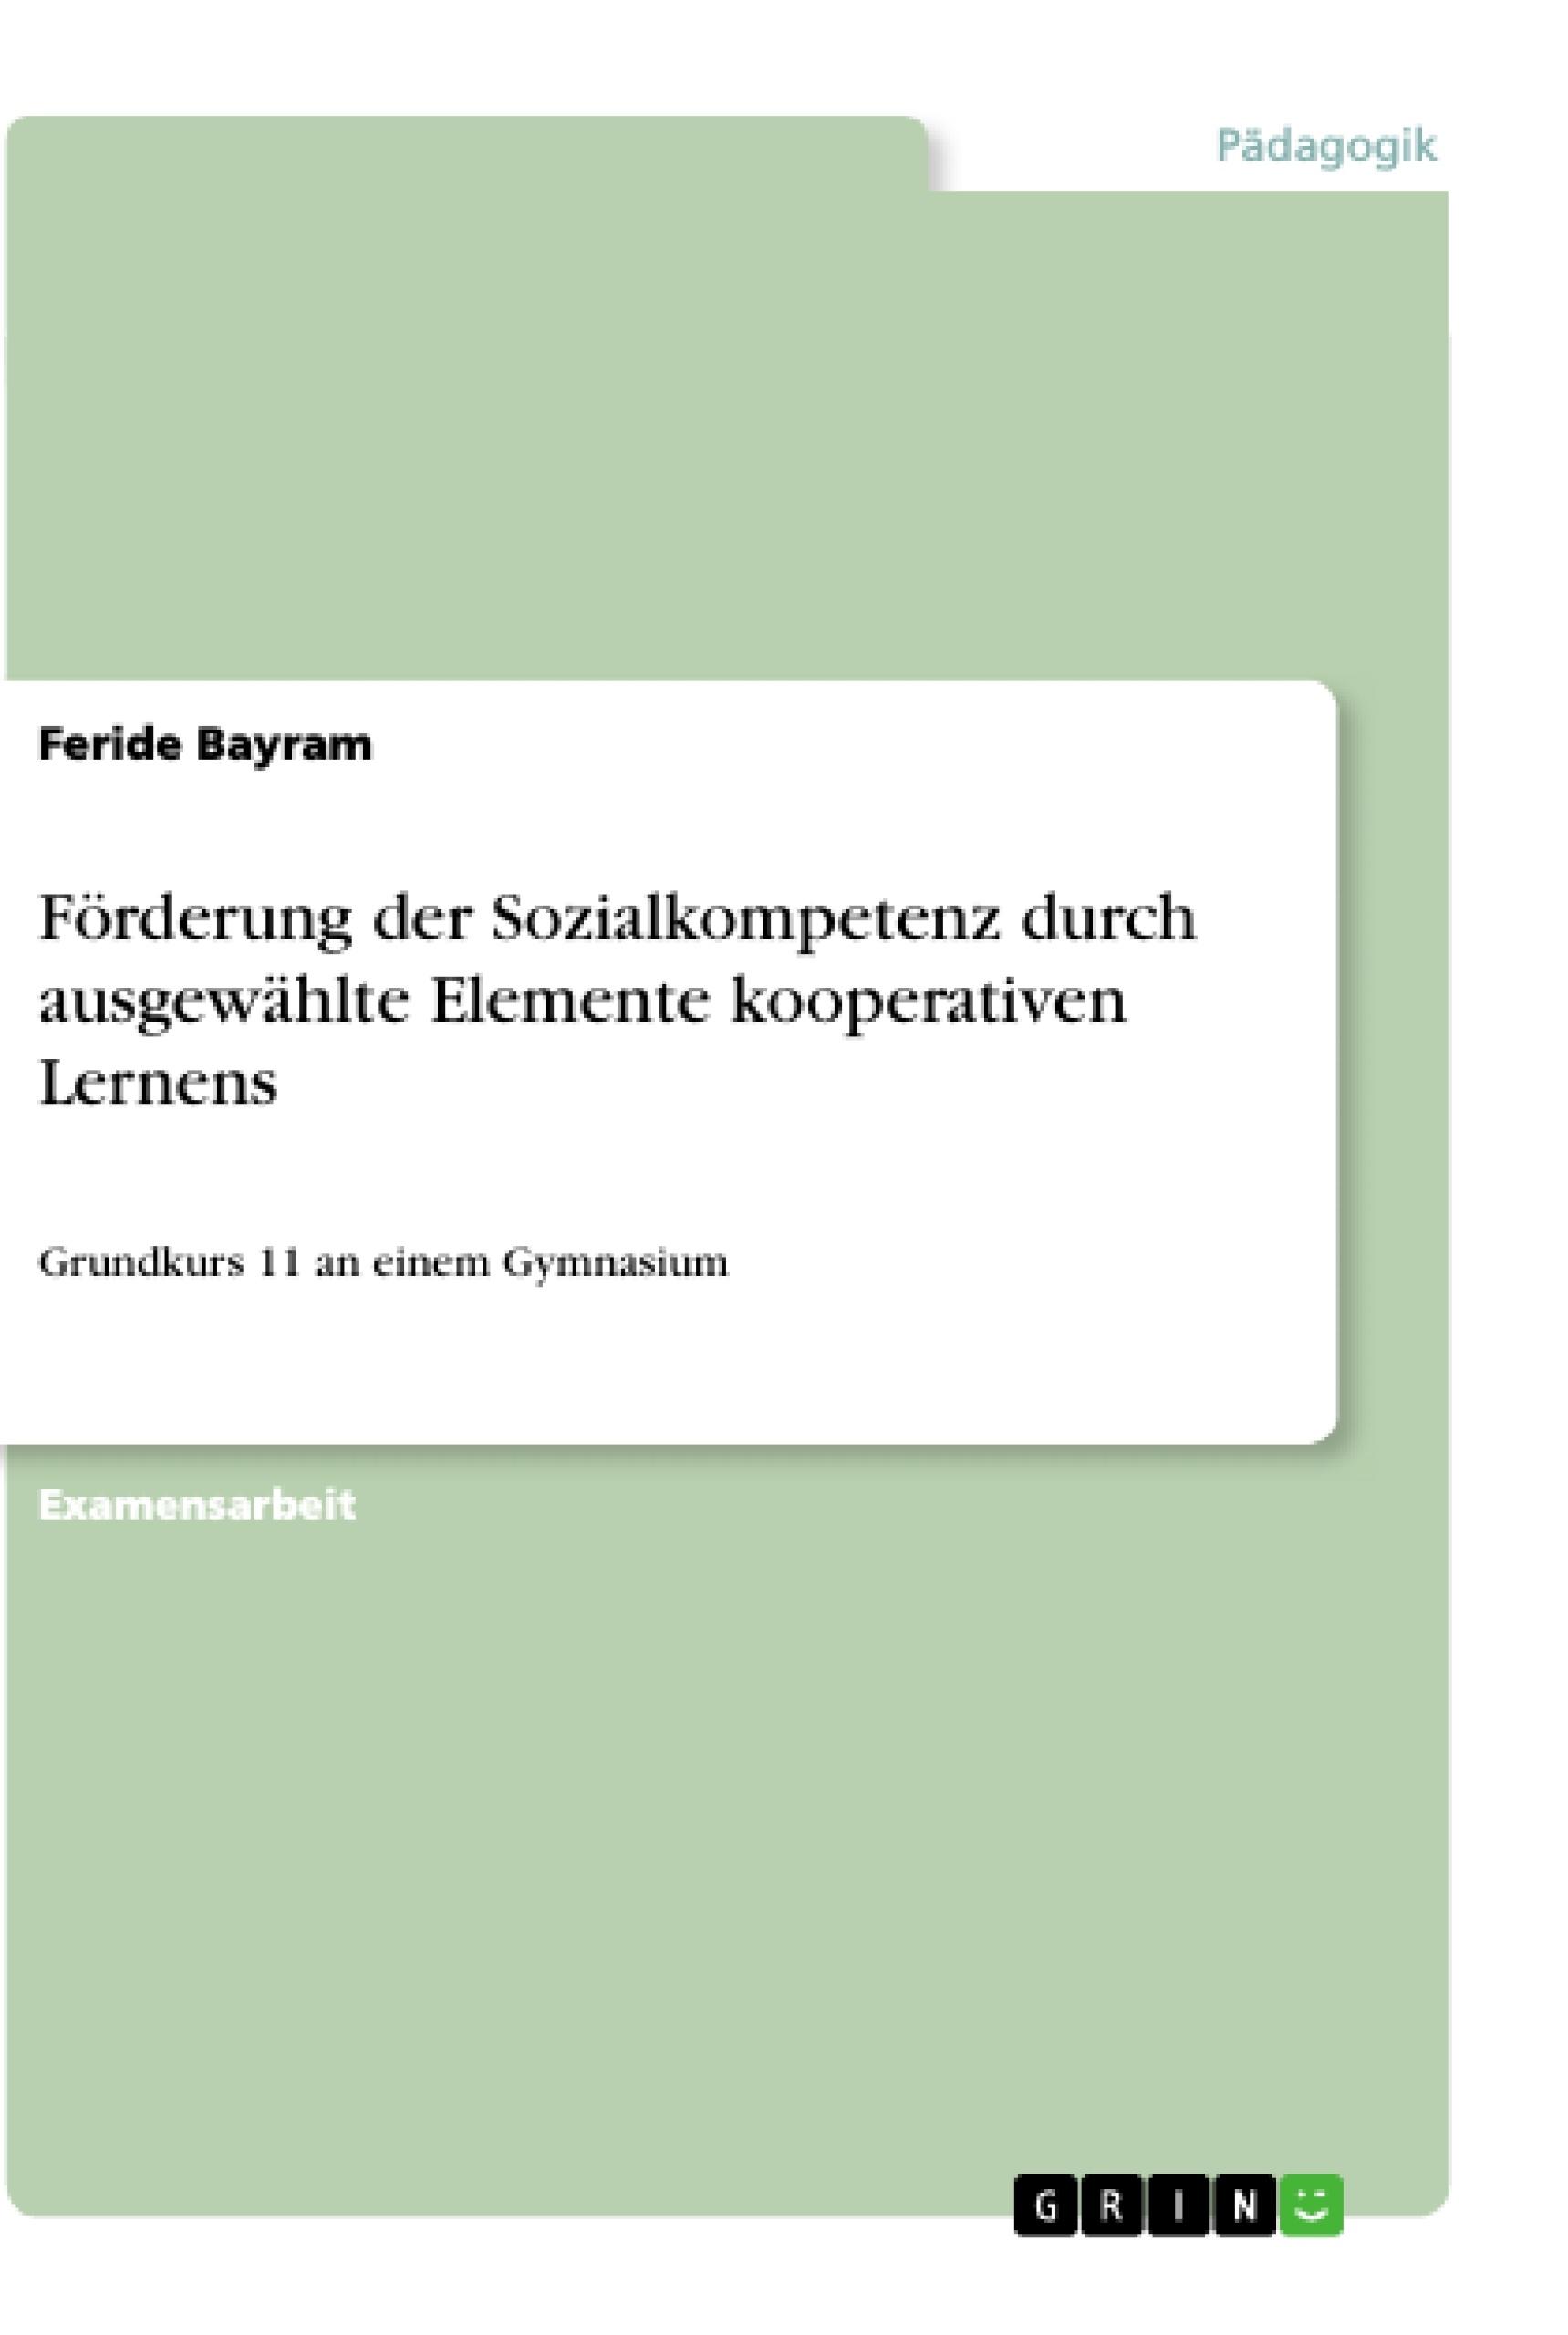 Titel: Förderung der Sozialkompetenz durch ausgewählte Elemente kooperativen Lernens